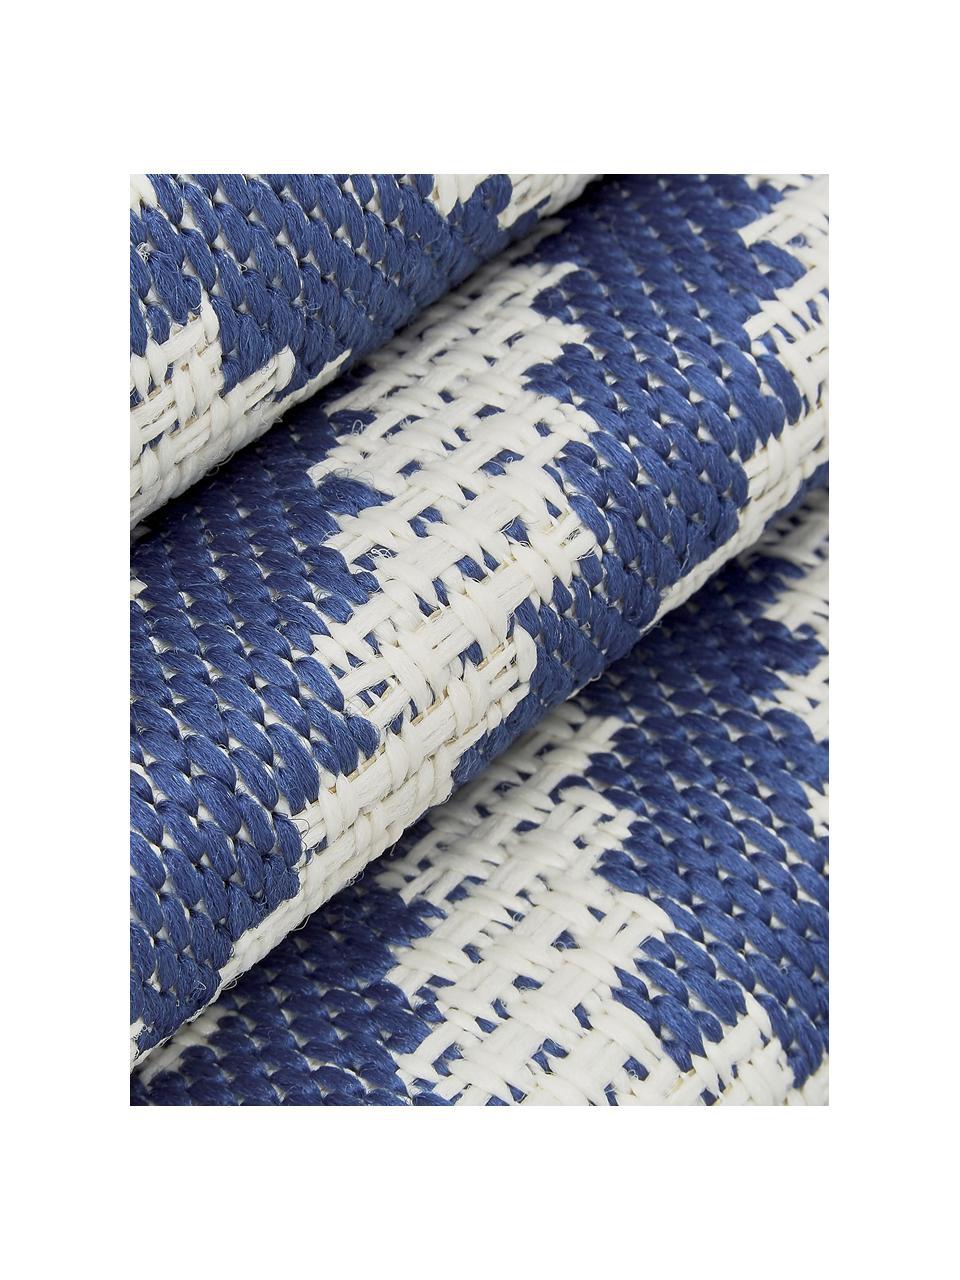 Dywan wewnętrzny/zewnętrzny Miami, 86% polipropylen, 14% poliester, Kremowobiały, niebieski, S 200 x D 290 cm (Rozmiar L)